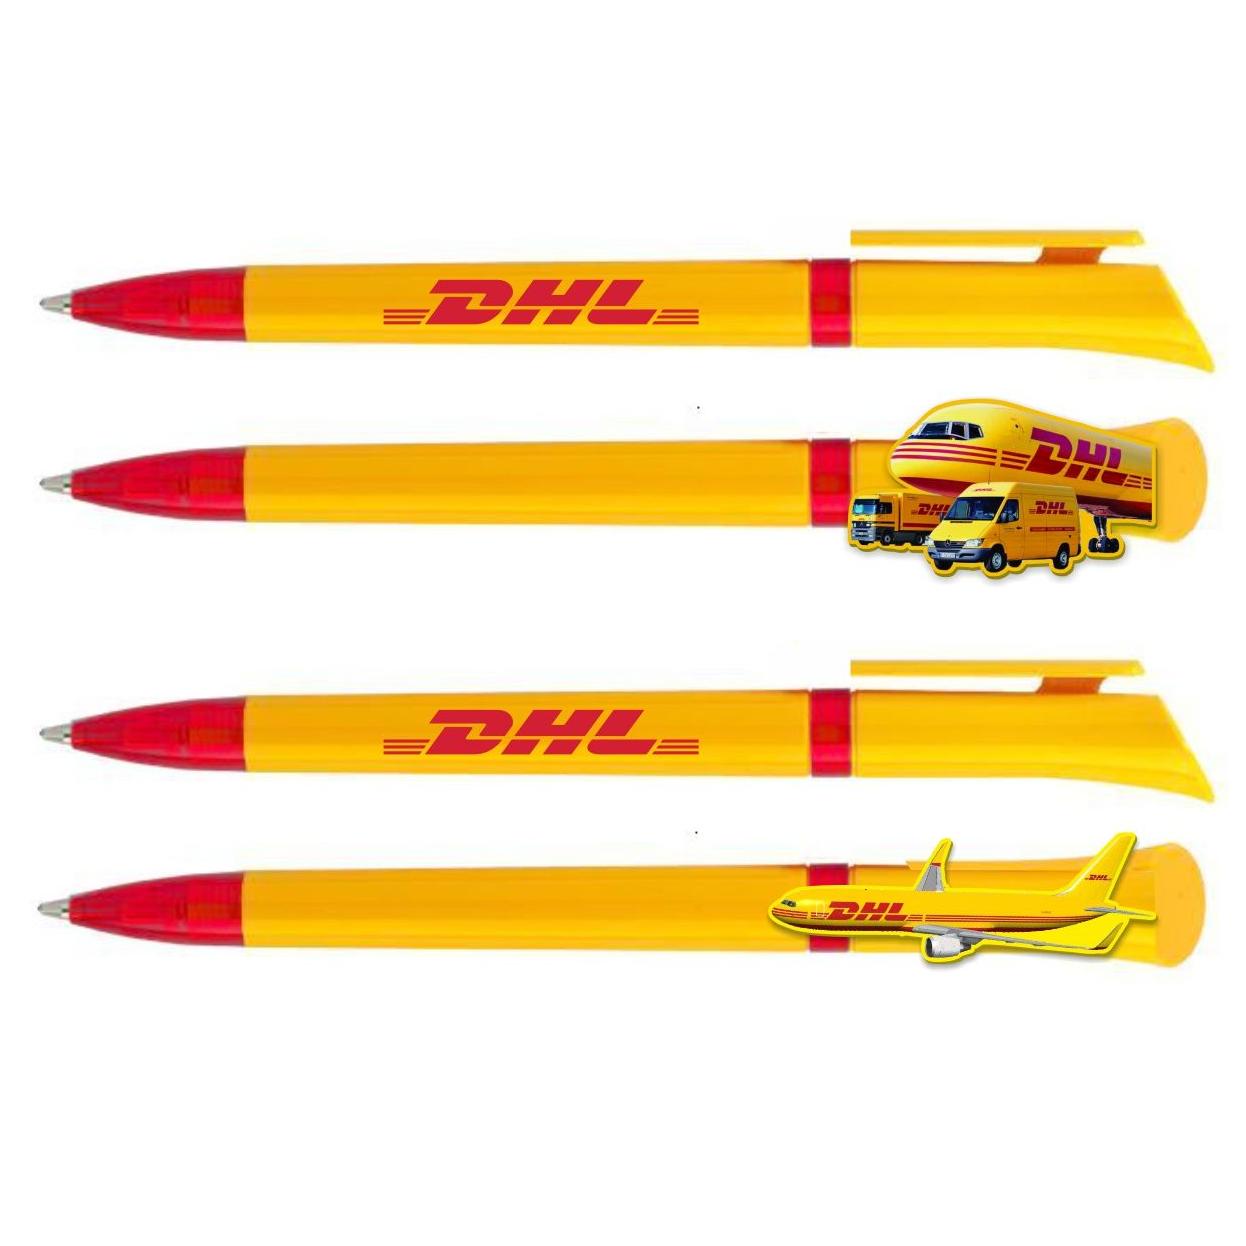 DHL pen met clip in vliegtuig vrachtwagen vorm